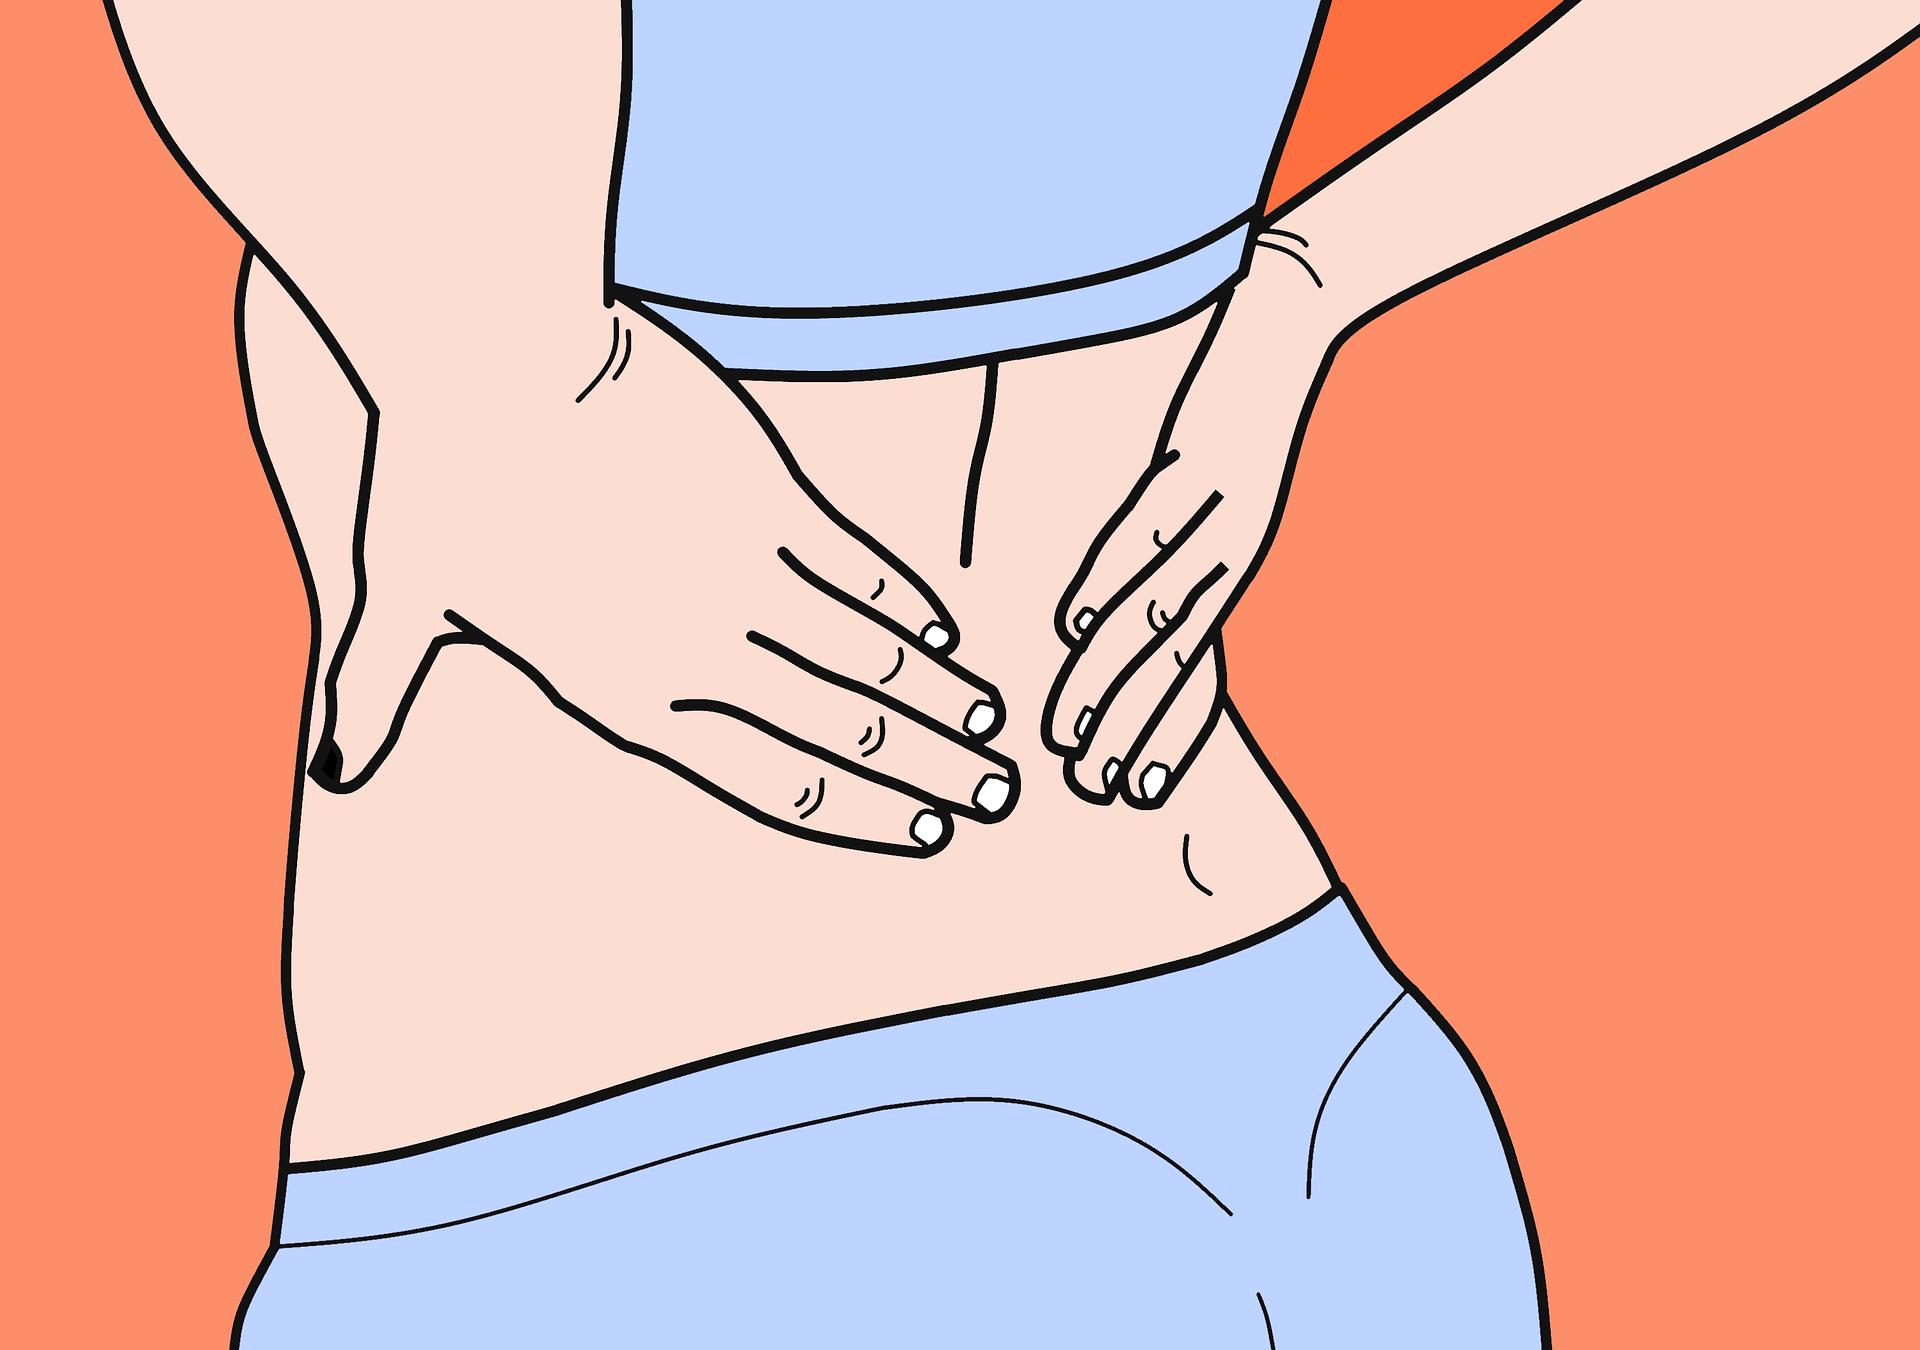 慢性腰痛に対するミオナール錠とテルネリン錠の効果および副作用の比較